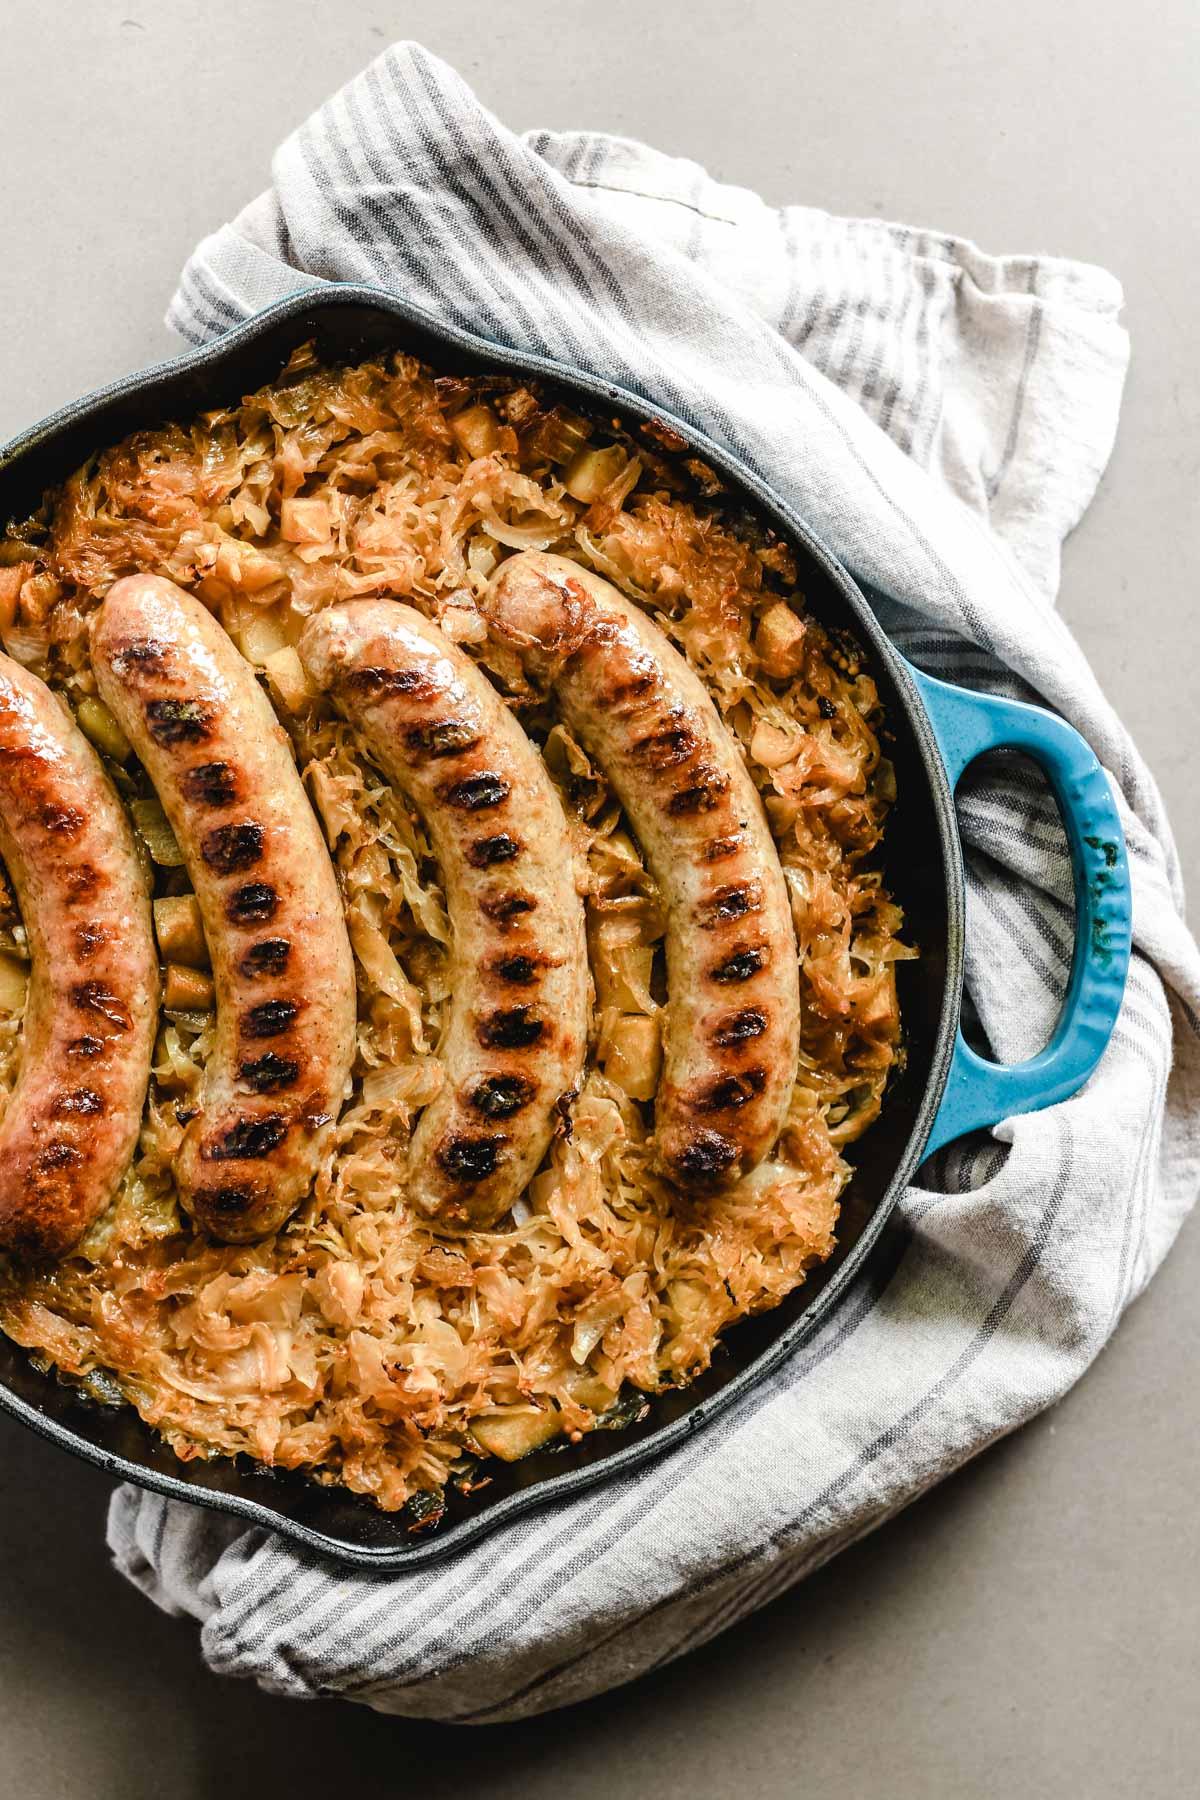 grilled brats in sauerkraut